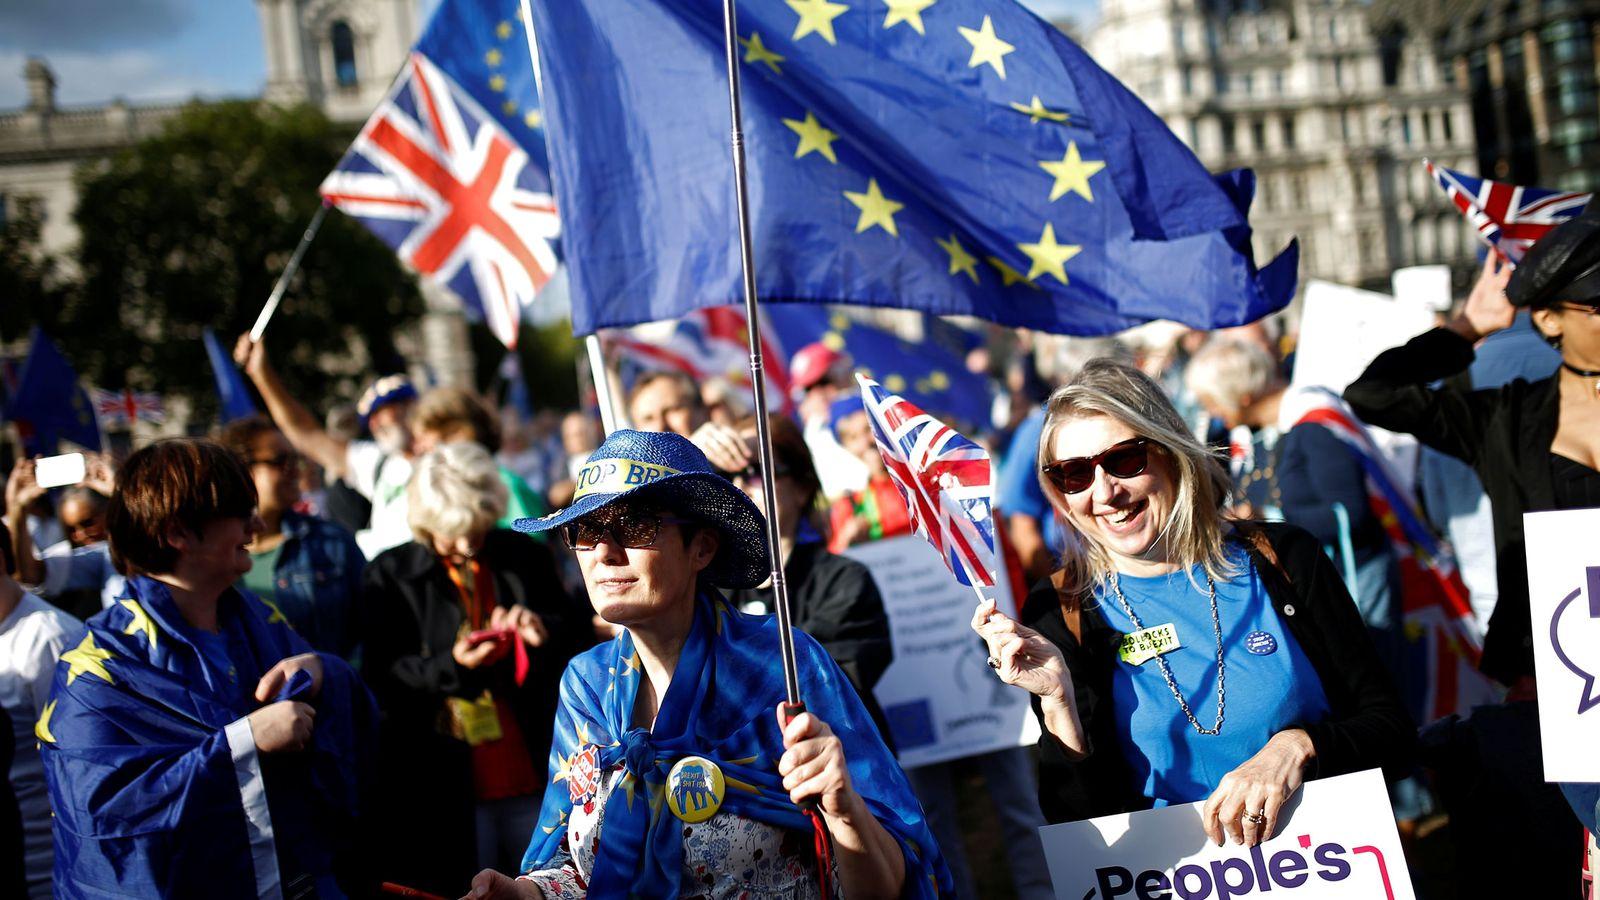 Foto: Una manifestación anti-brexit en Londres. (Reuters)